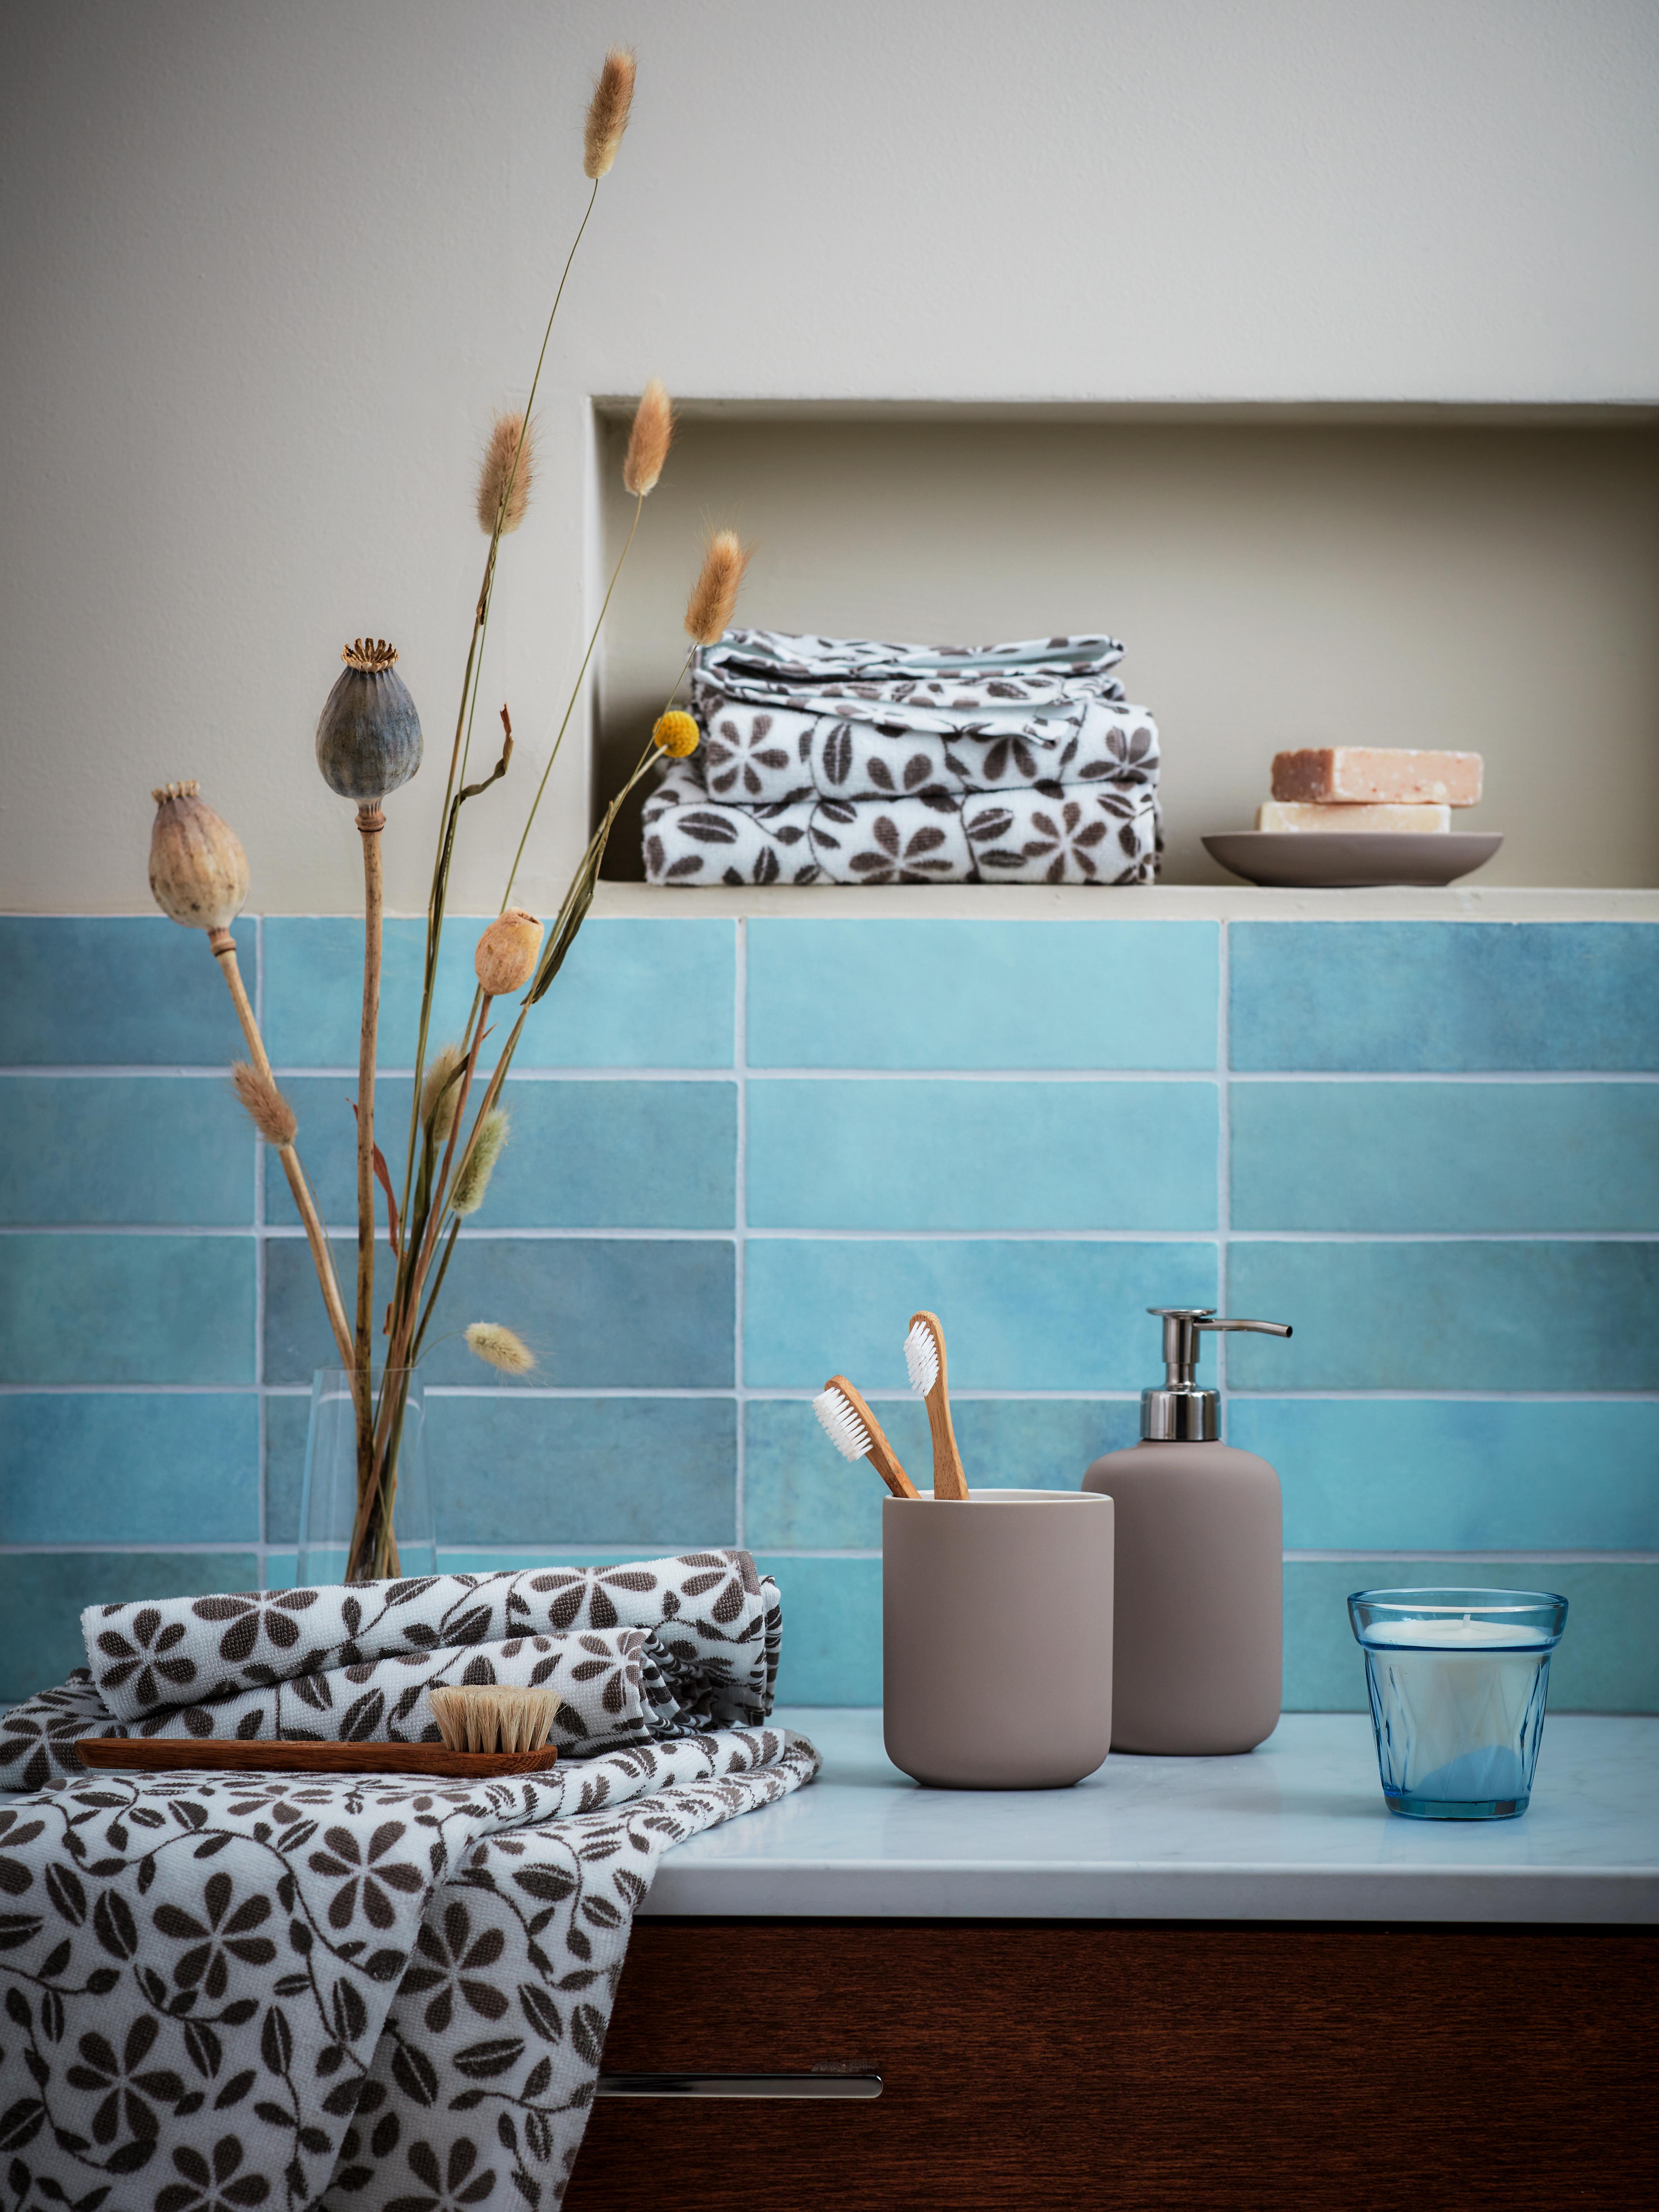 Kupaonica s plavim pločicama s EKOLN dozatorom sapuna i držačem četkica za zube okružen JUVELBLOMMA ručnicima i ukrasima.